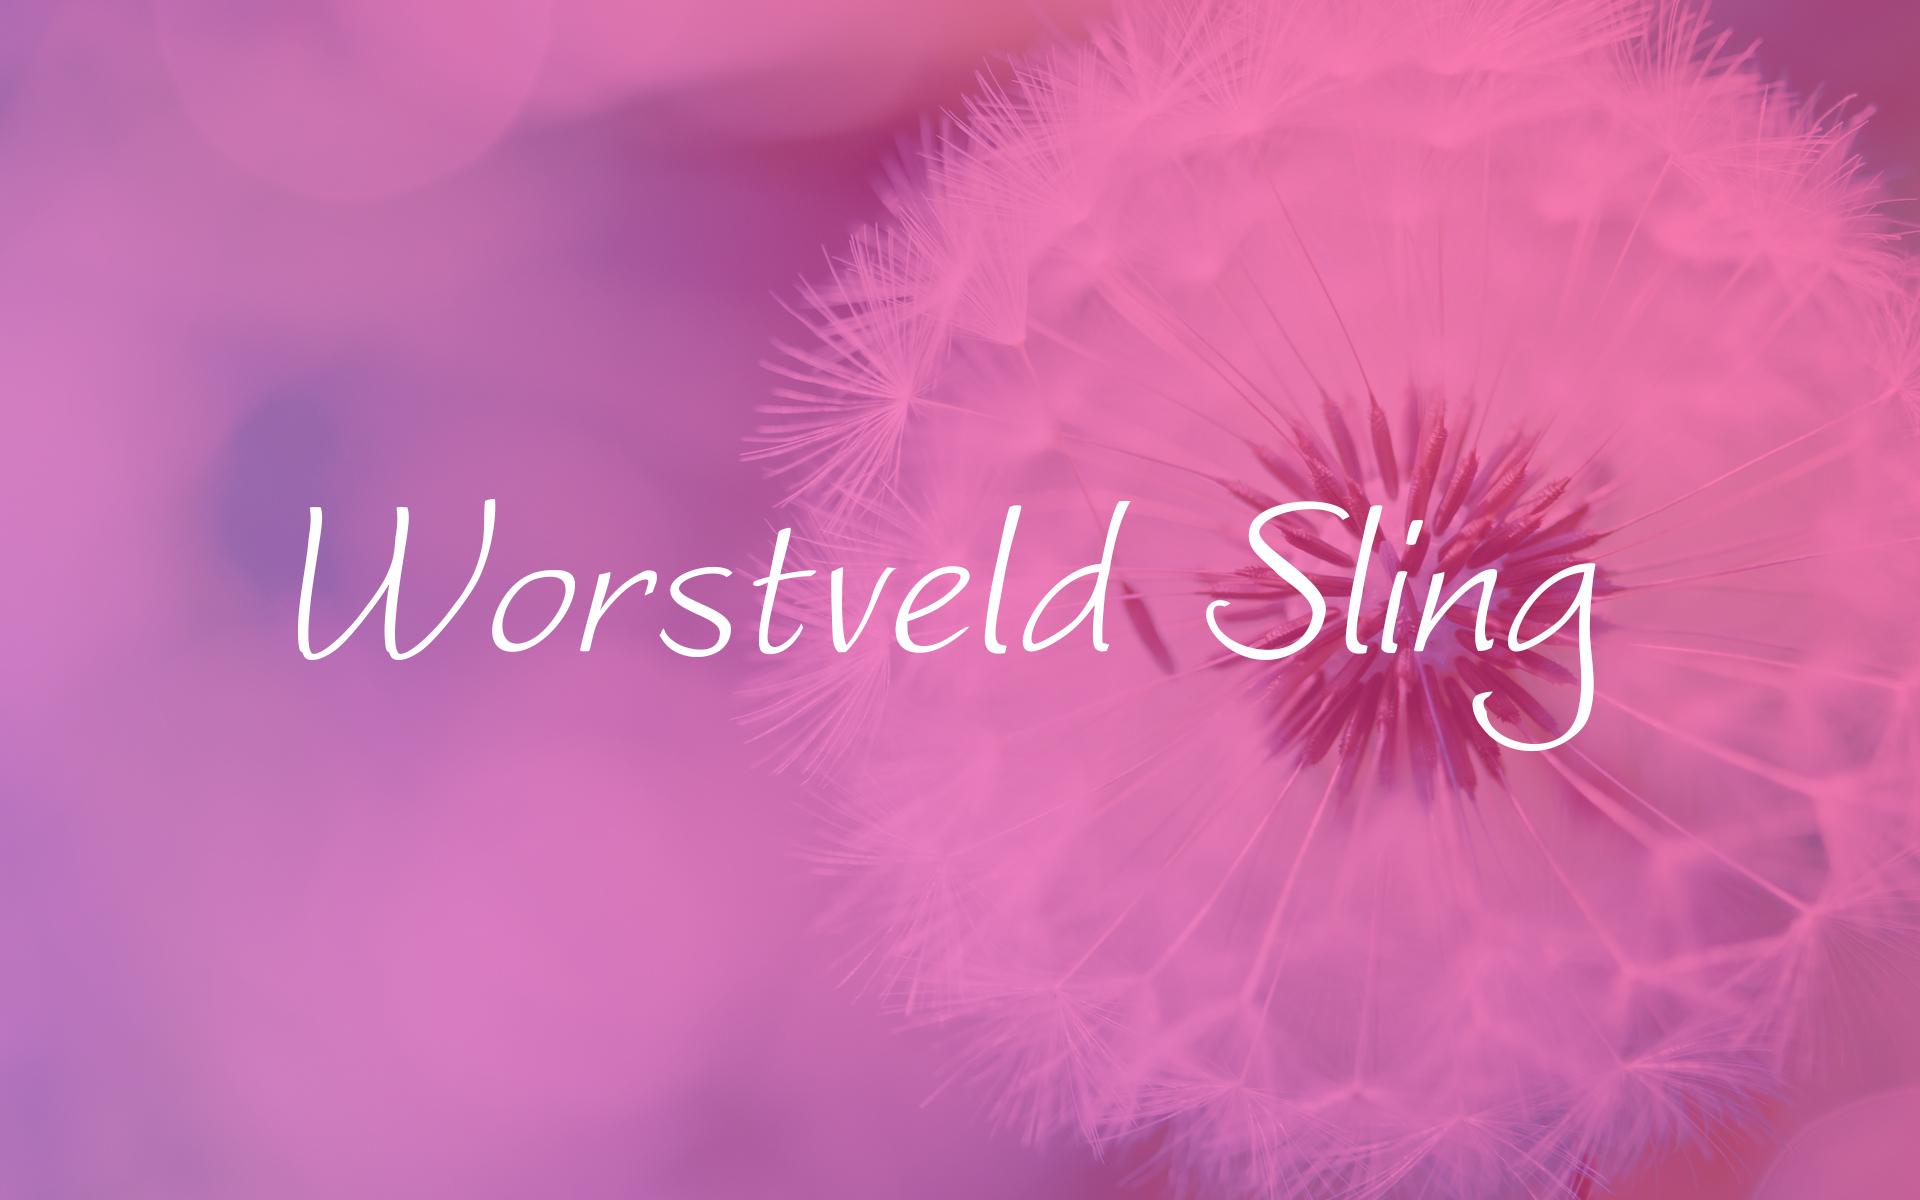 free-ucretsiz-worstveld-sling-el-yazisi-fontu